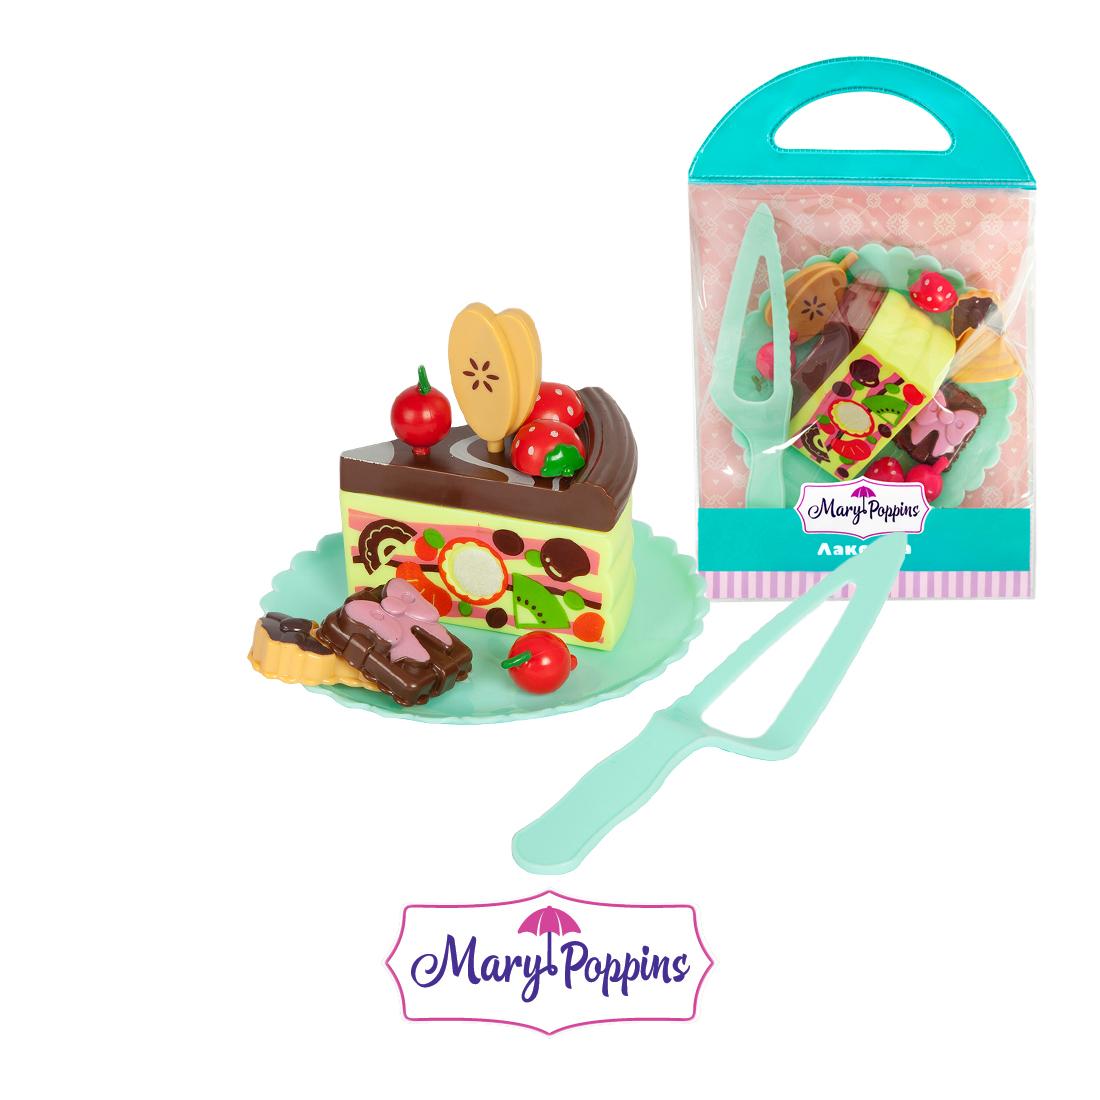 Посуда и наборы продуктов Mary Poppins Набор пирожных игрушечная бытовая техника mary poppins умный дом